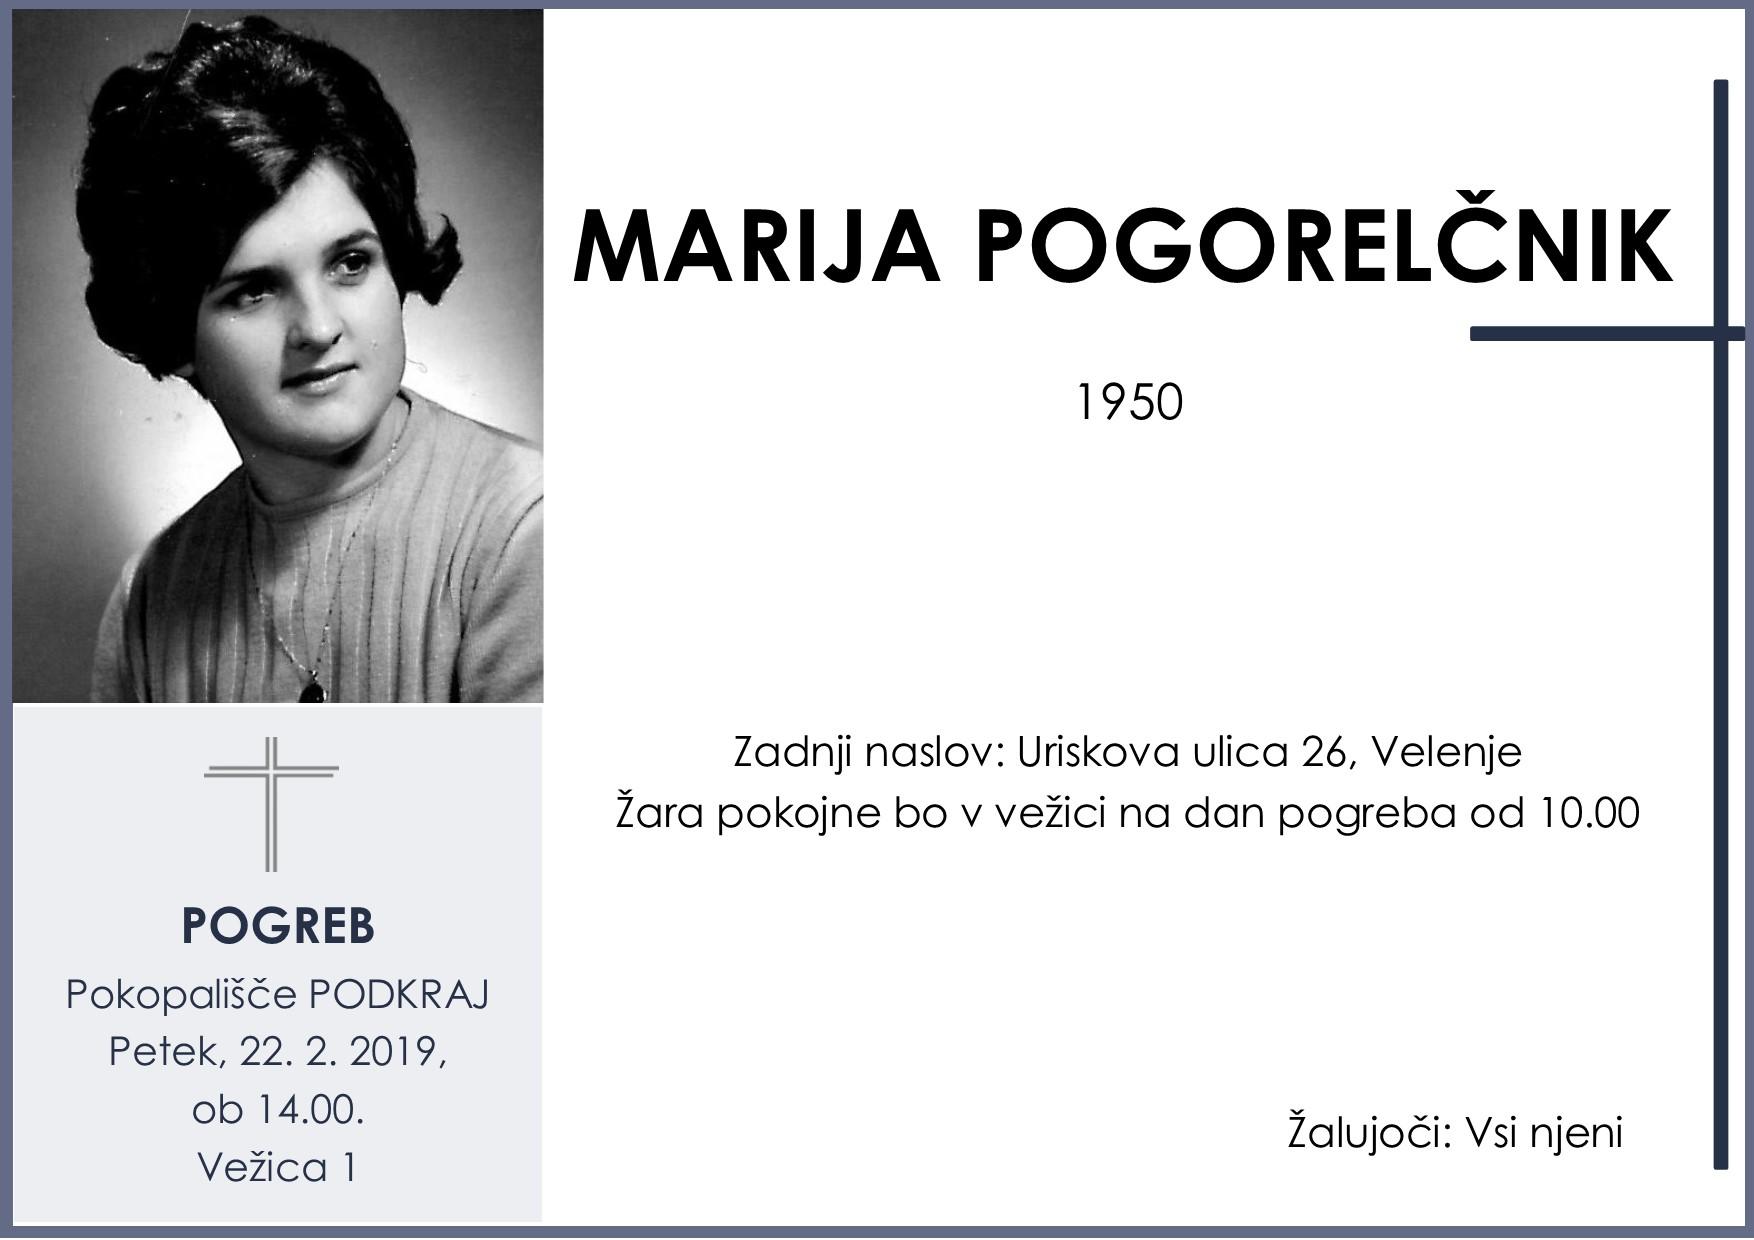 MARIJA POGORELČNIK, Podkraj, 22. 02. 2019